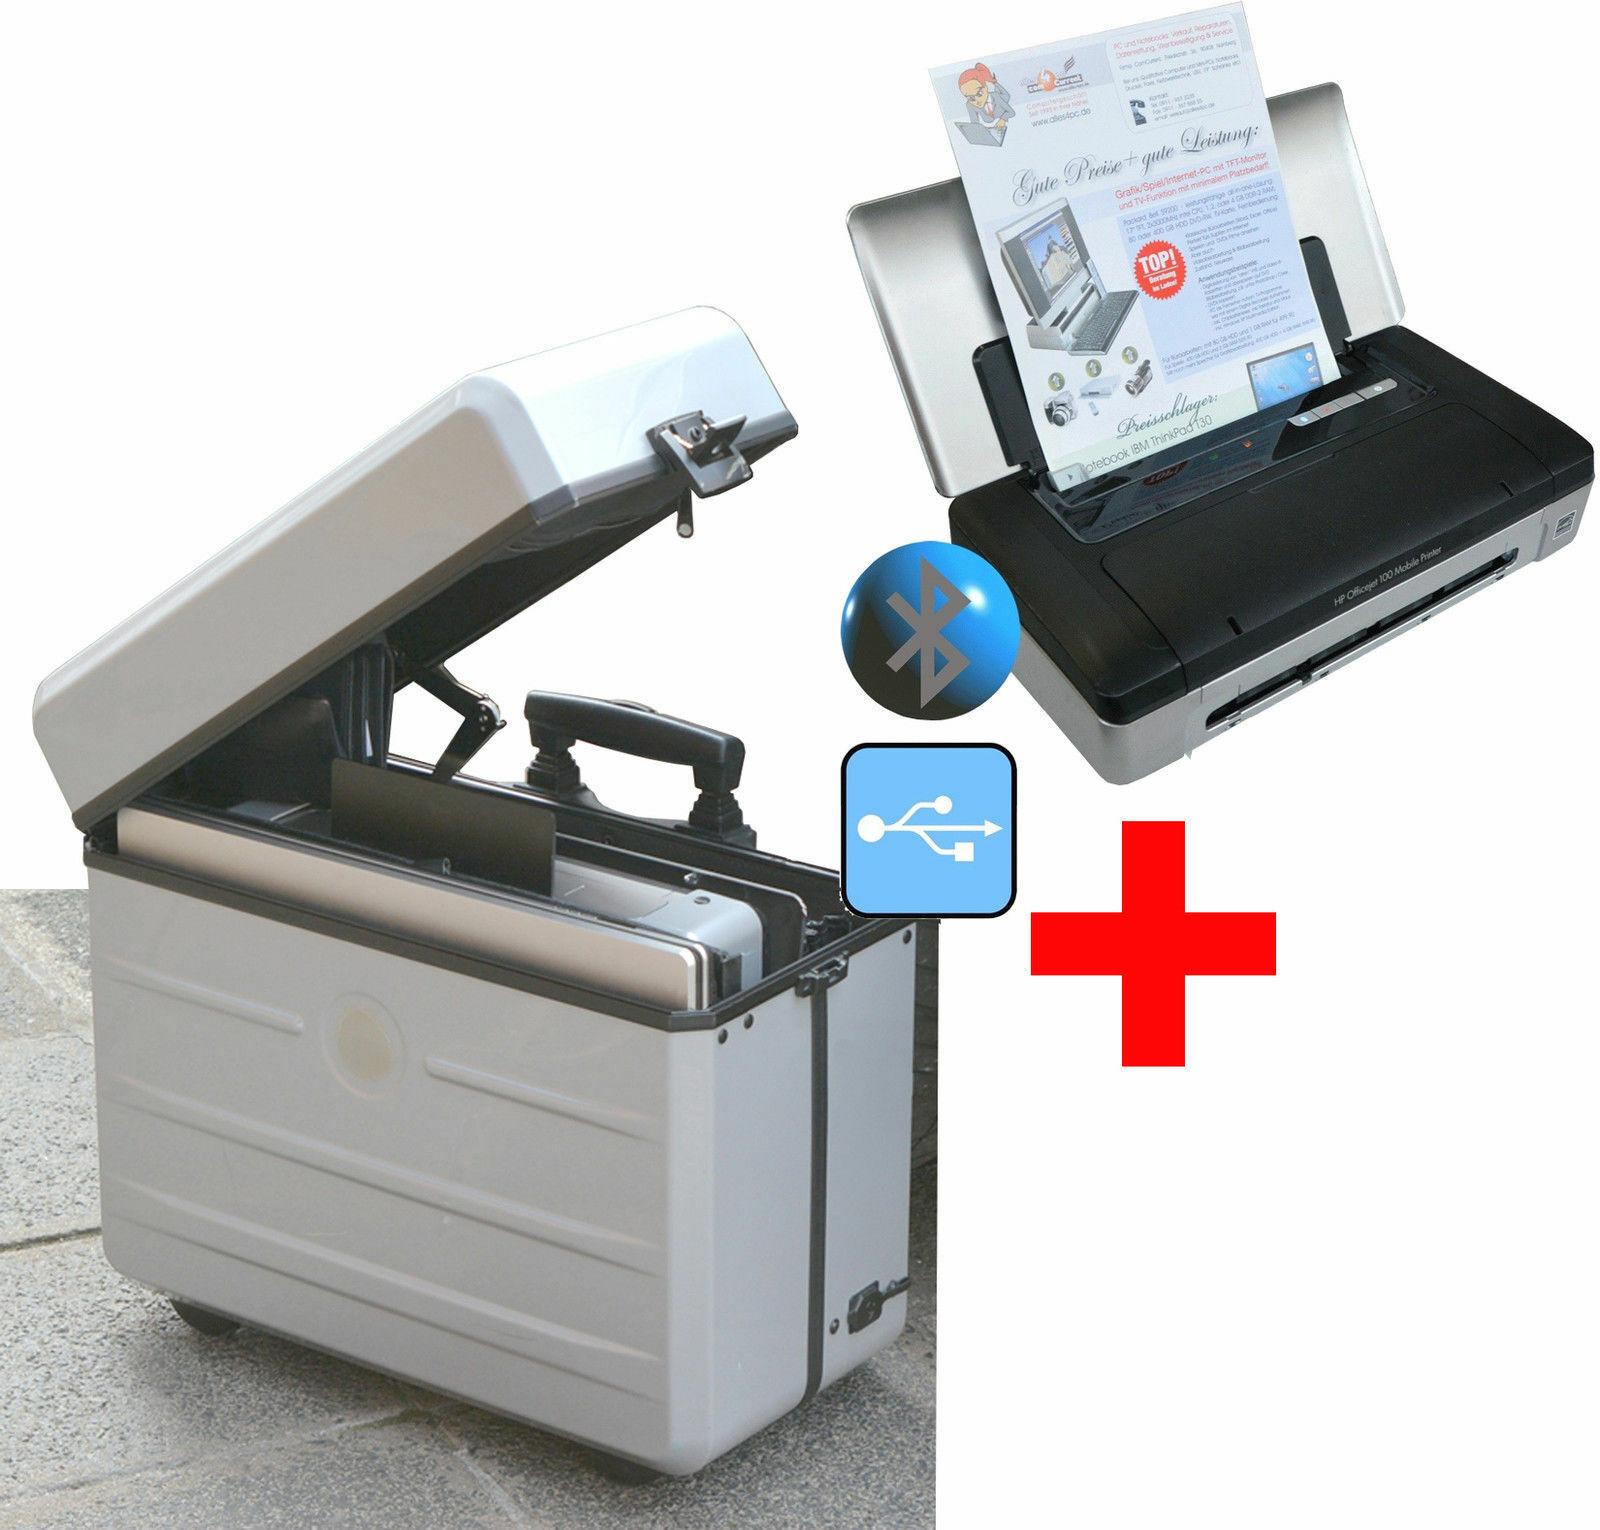 Petit imprimante hp officejet 100 avec parat sacoche pour notebook 17